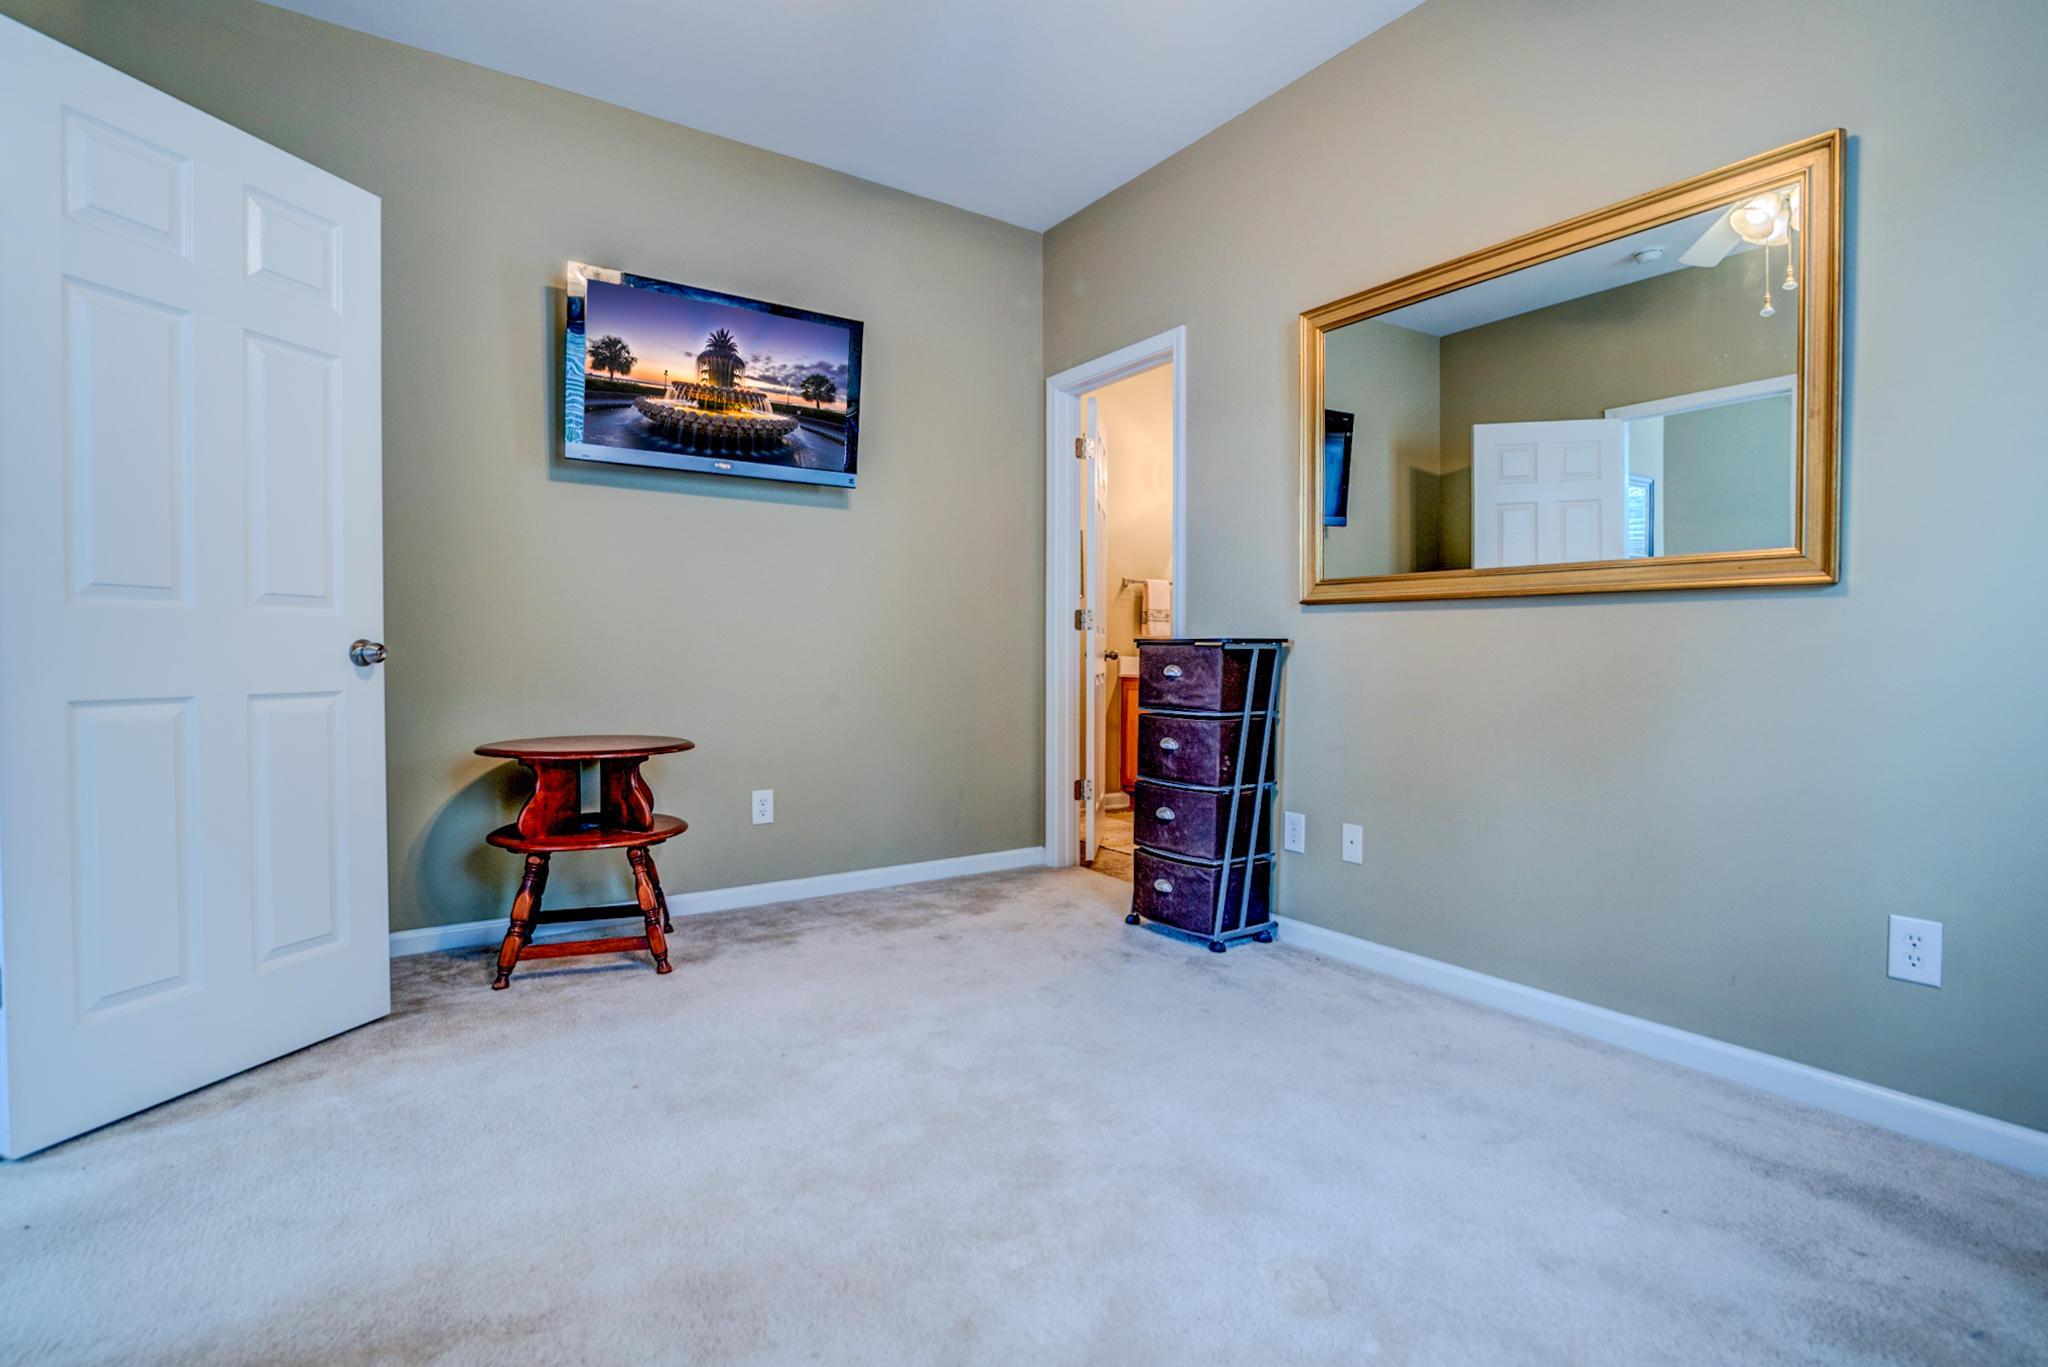 Park West Homes For Sale - 3001 Parkwest, Mount Pleasant, SC - 13